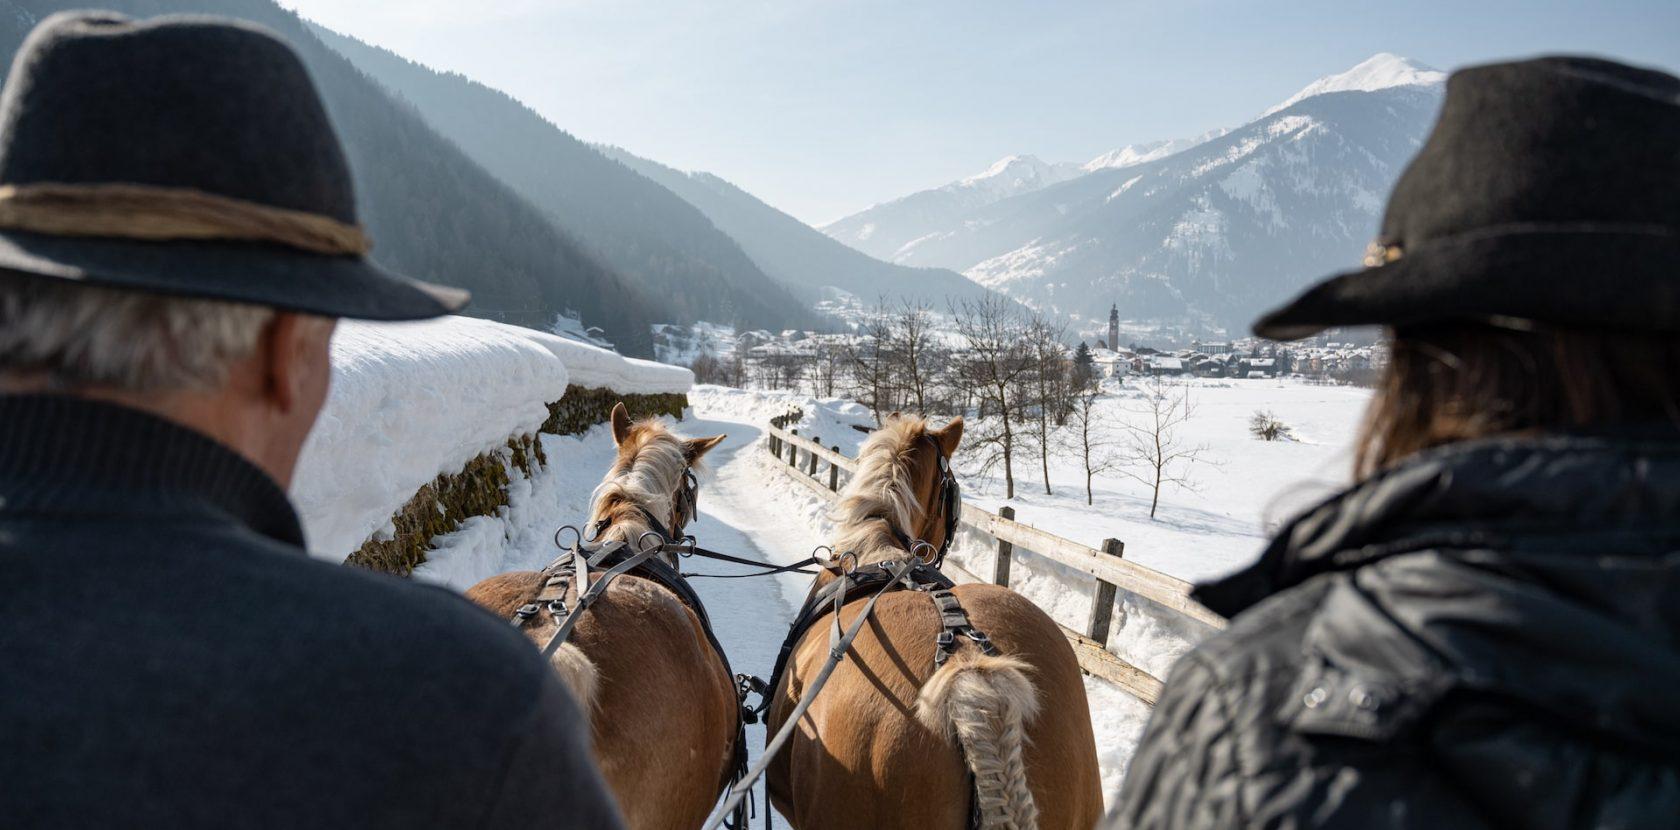 Slitta con cavalli sulla neve